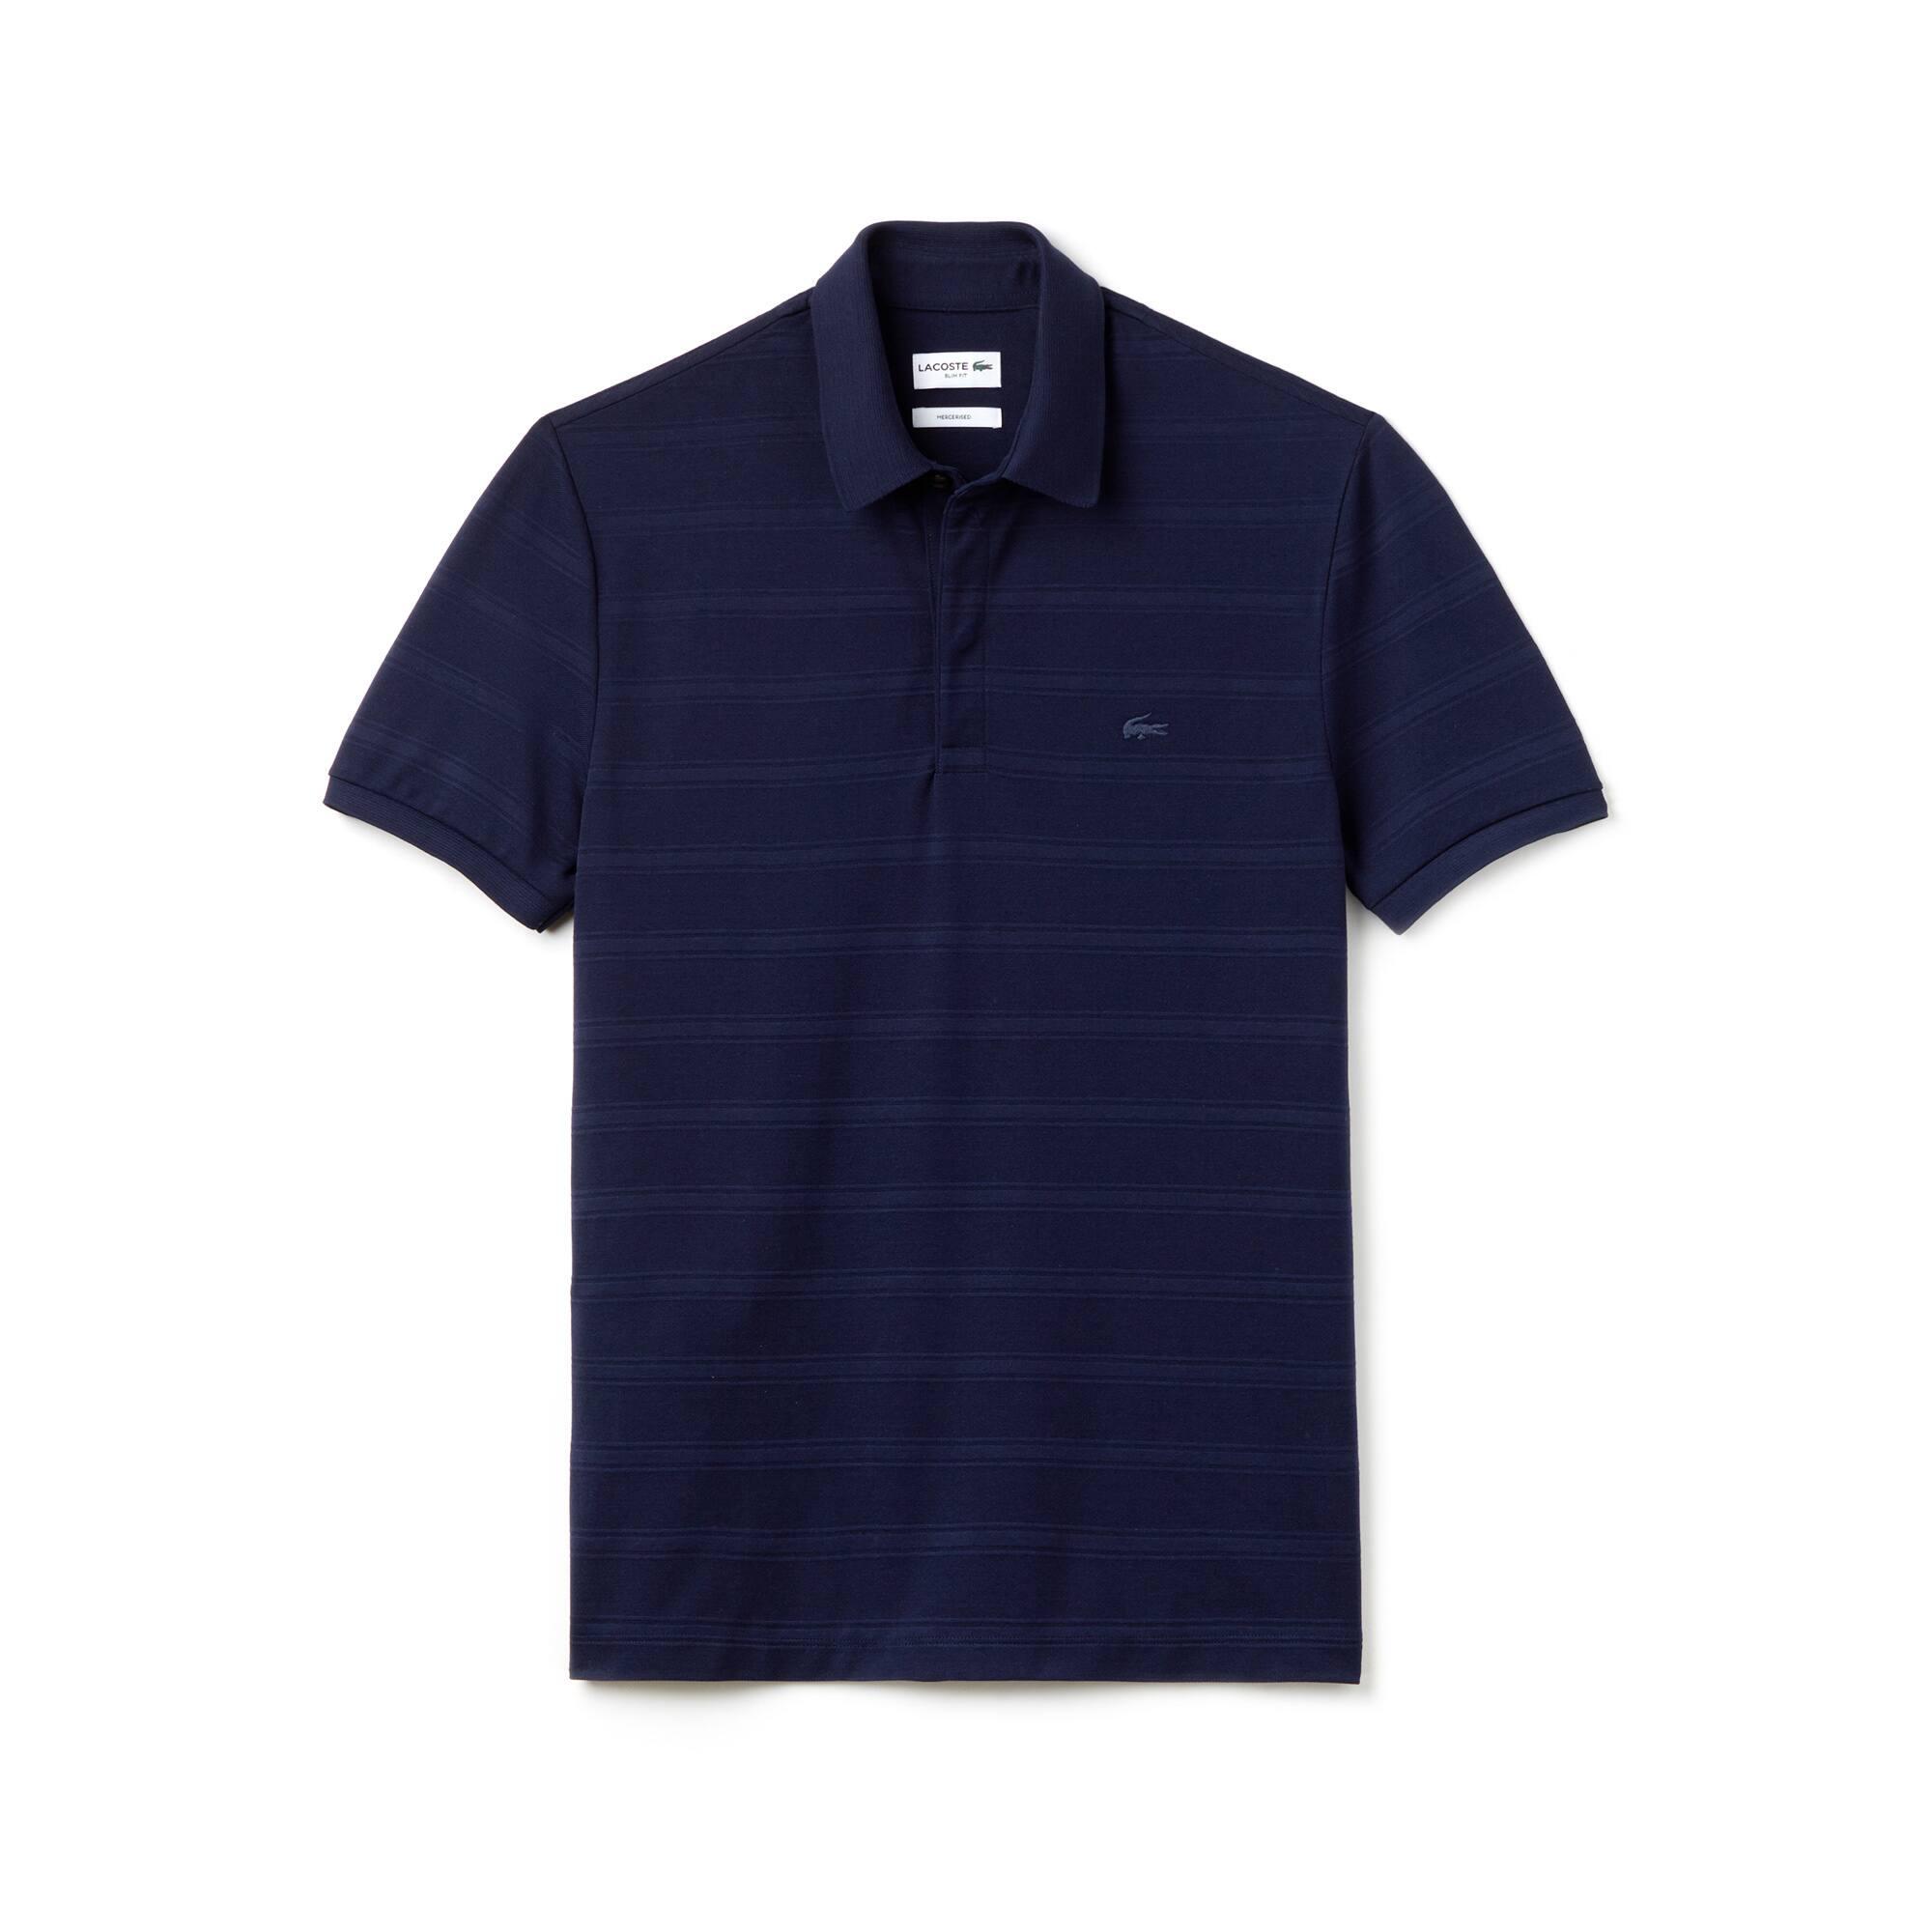 Slim Fit Herren-Polo aus Jersey und Baumwoll-Piqué mit Streifen